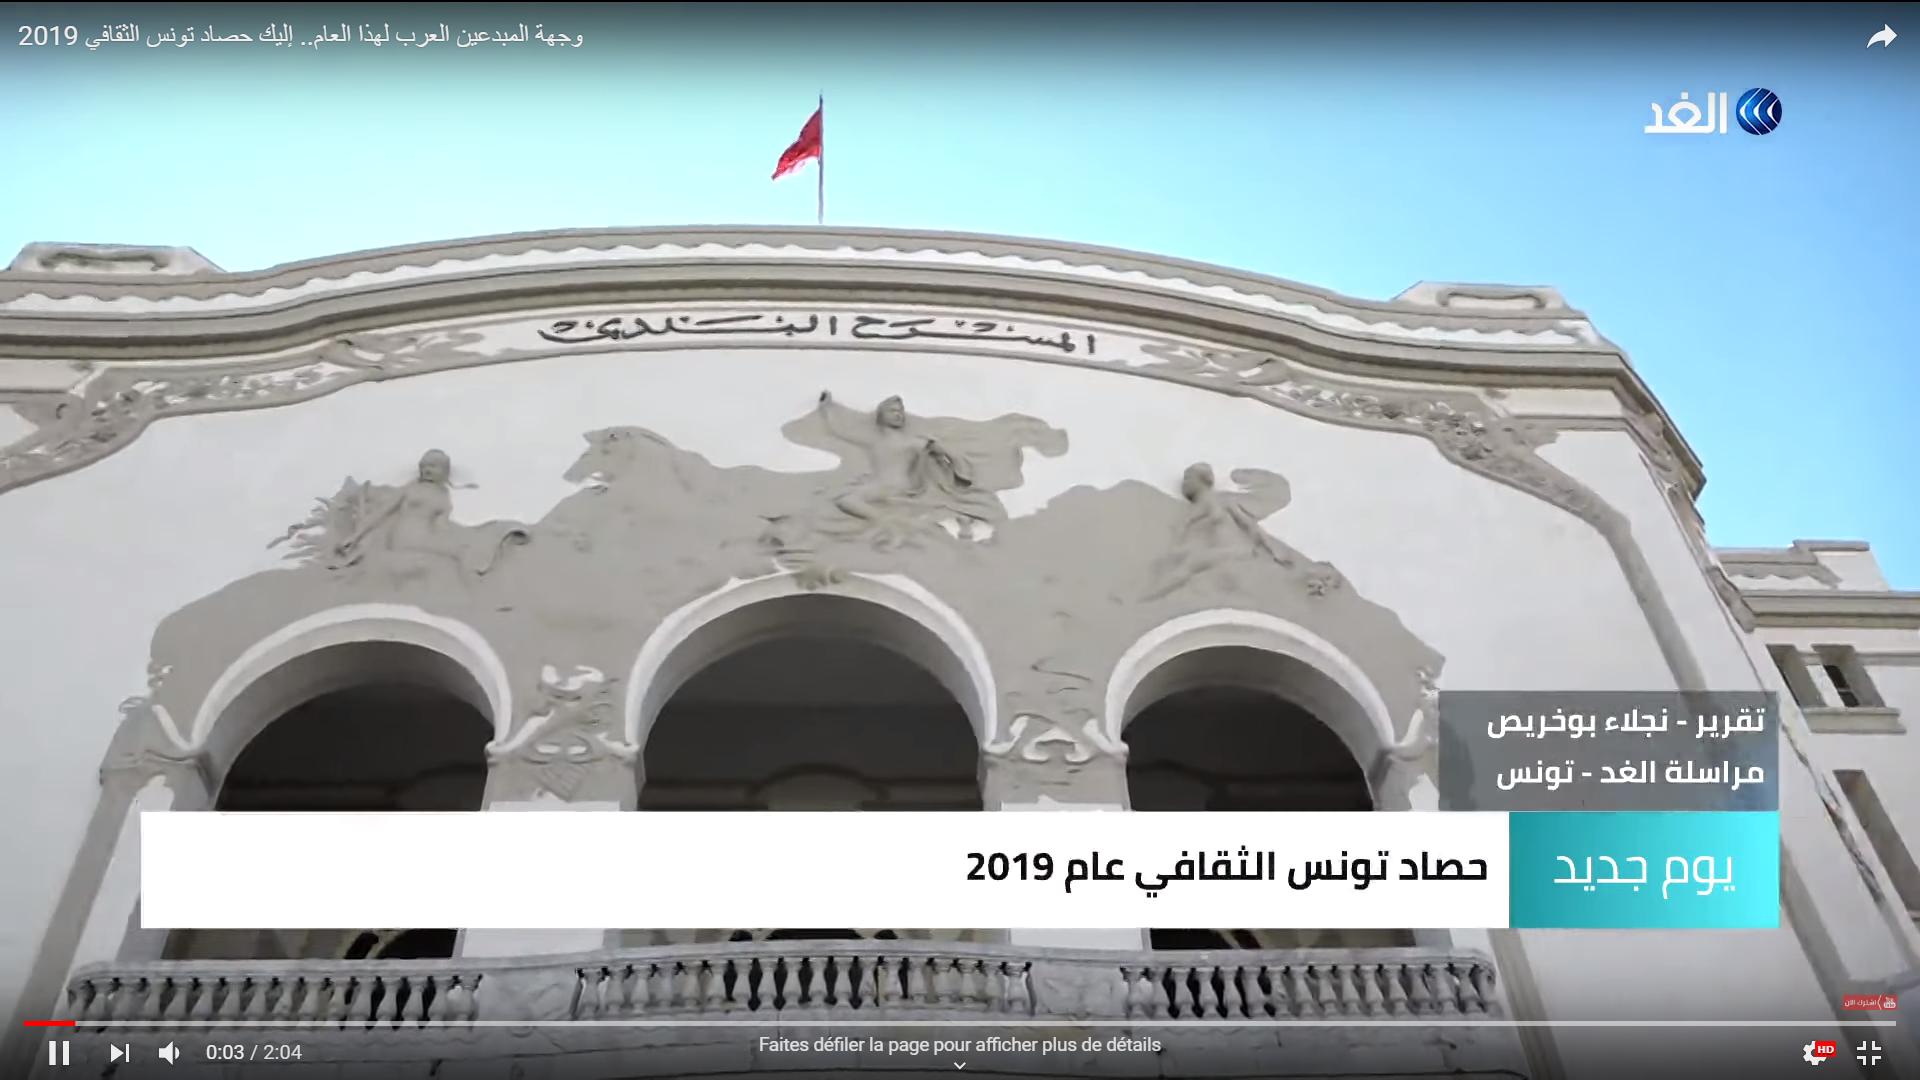 حصاد تونس الثقافي 2019: تقريرقناة الغد